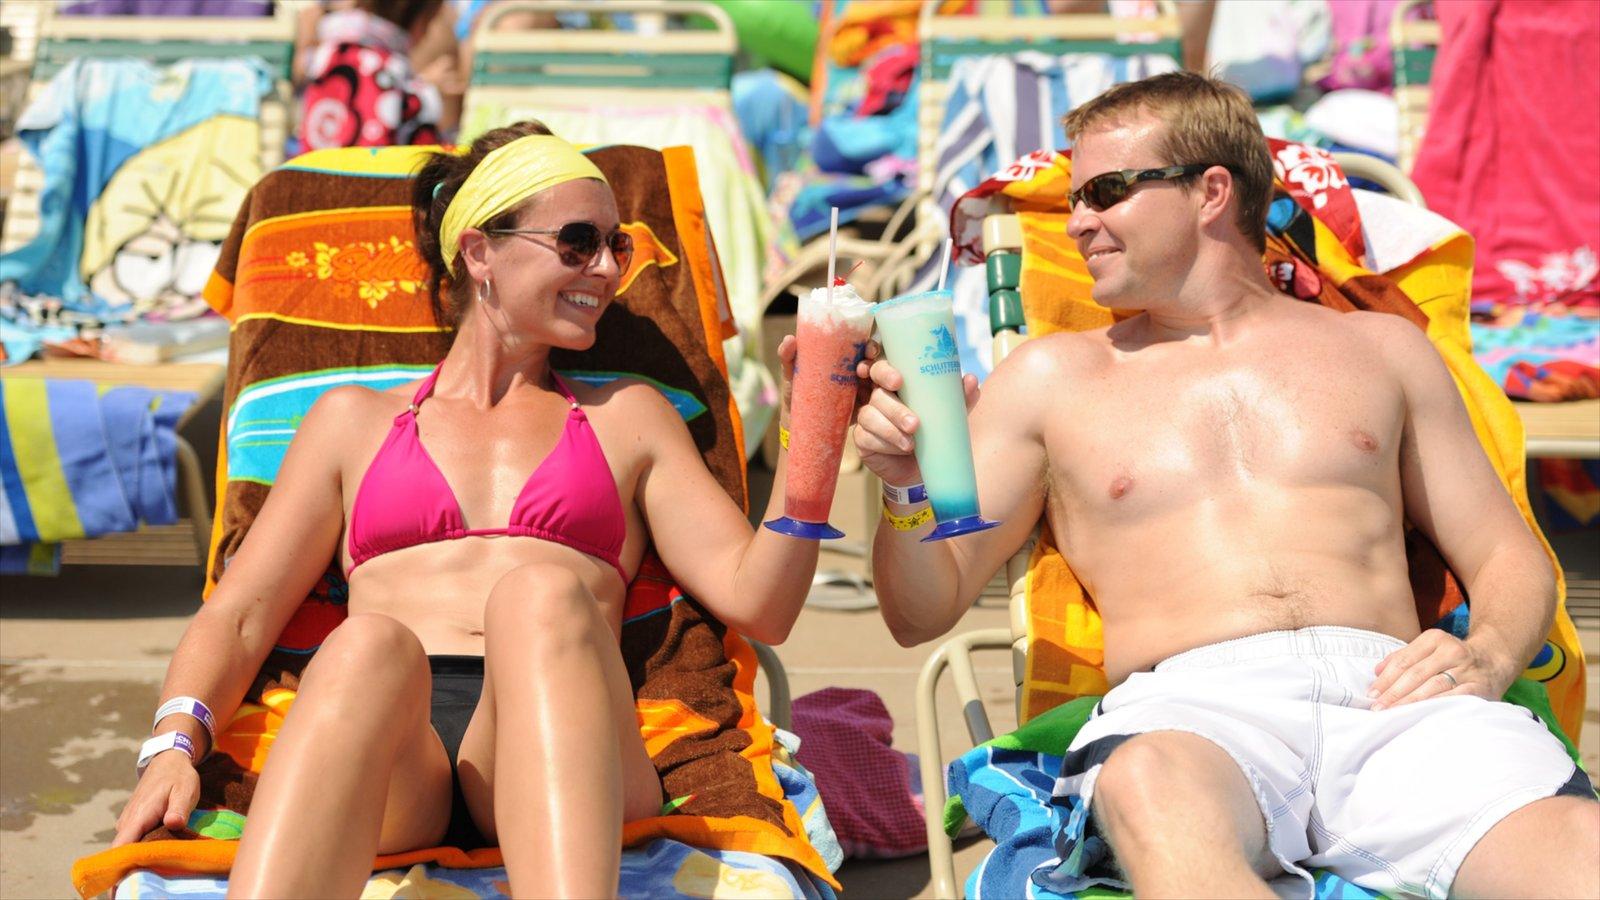 Kansas que inclui um bar na praia assim como um casal